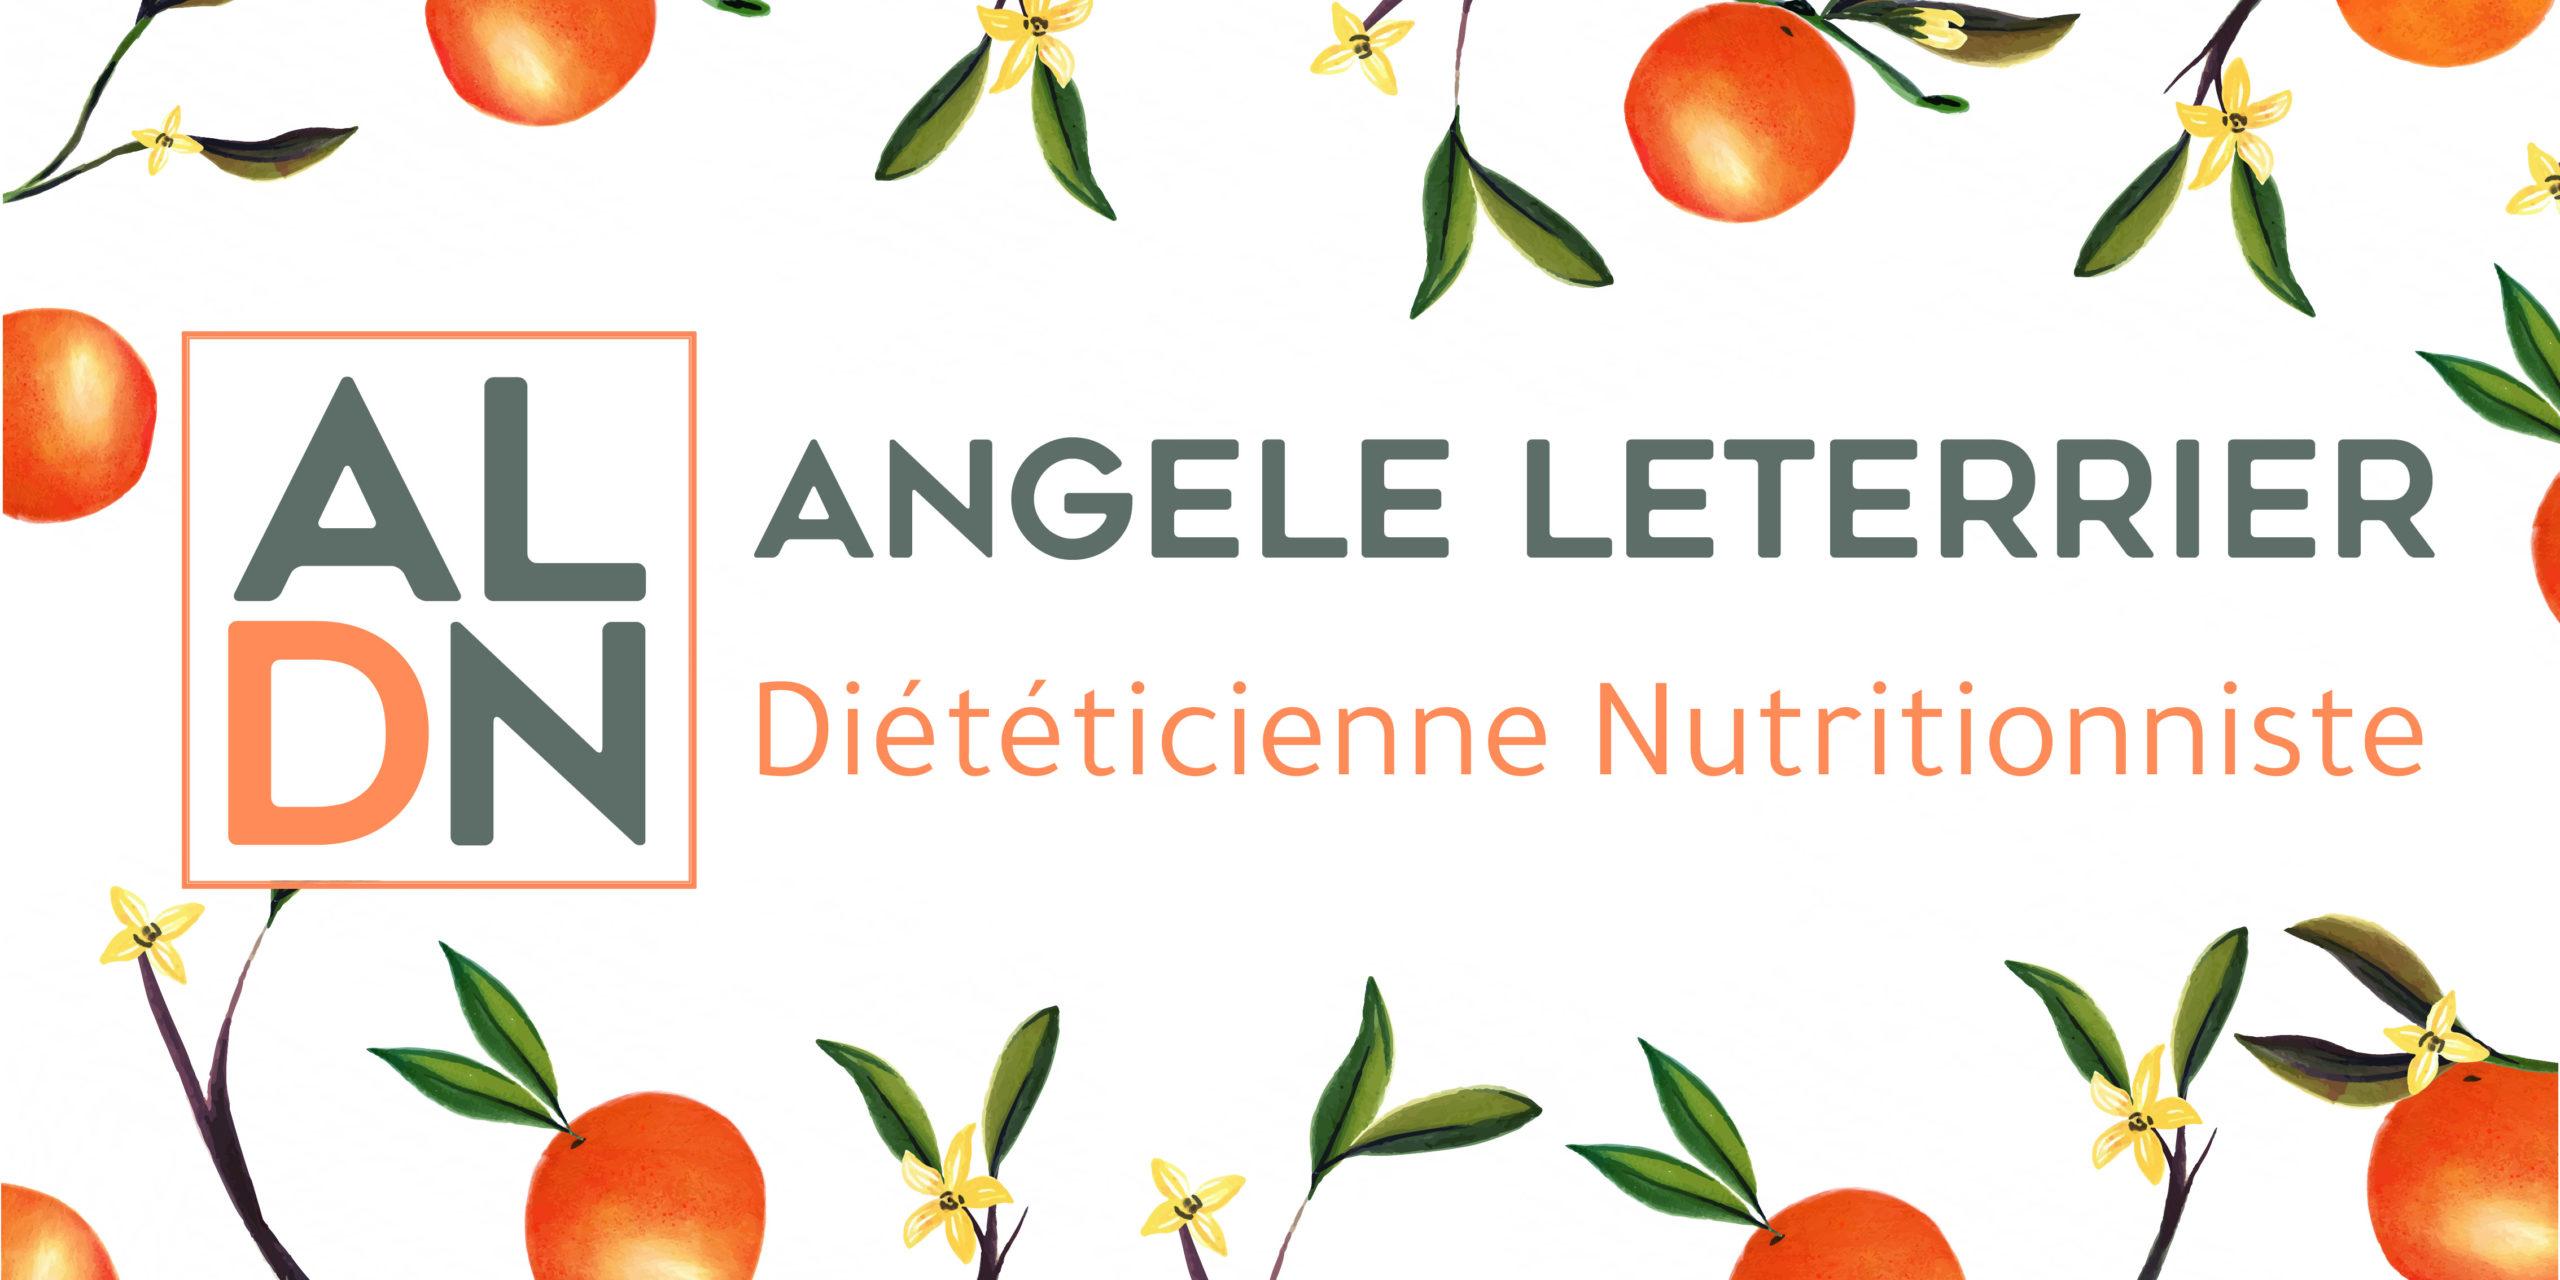 Angèle Leterrier Diététicienne Nutritionniste